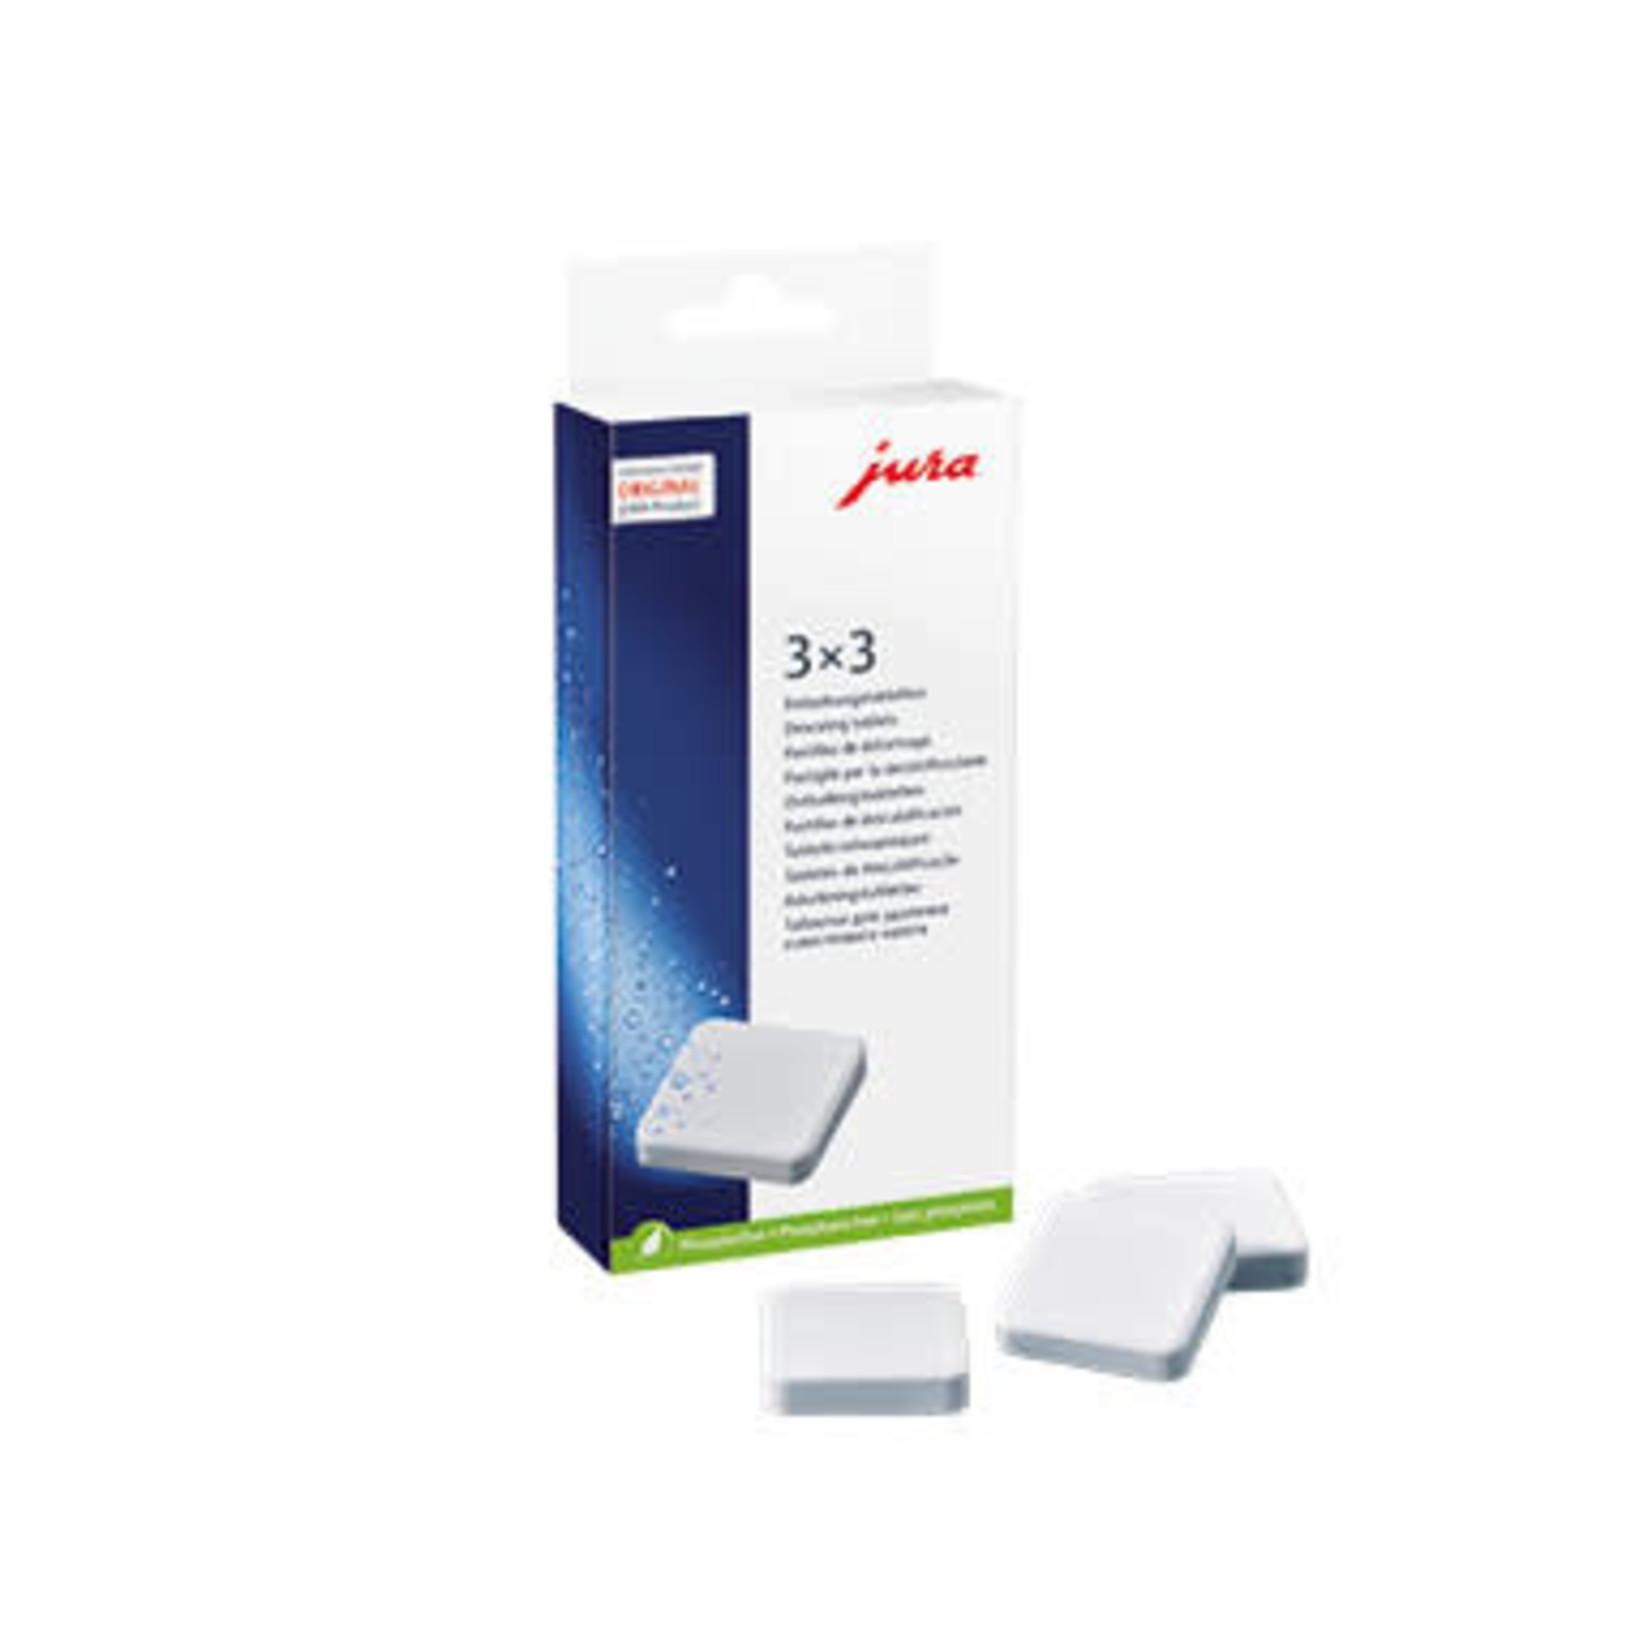 JURA Jura Descaling Tablets 3x3 Pack